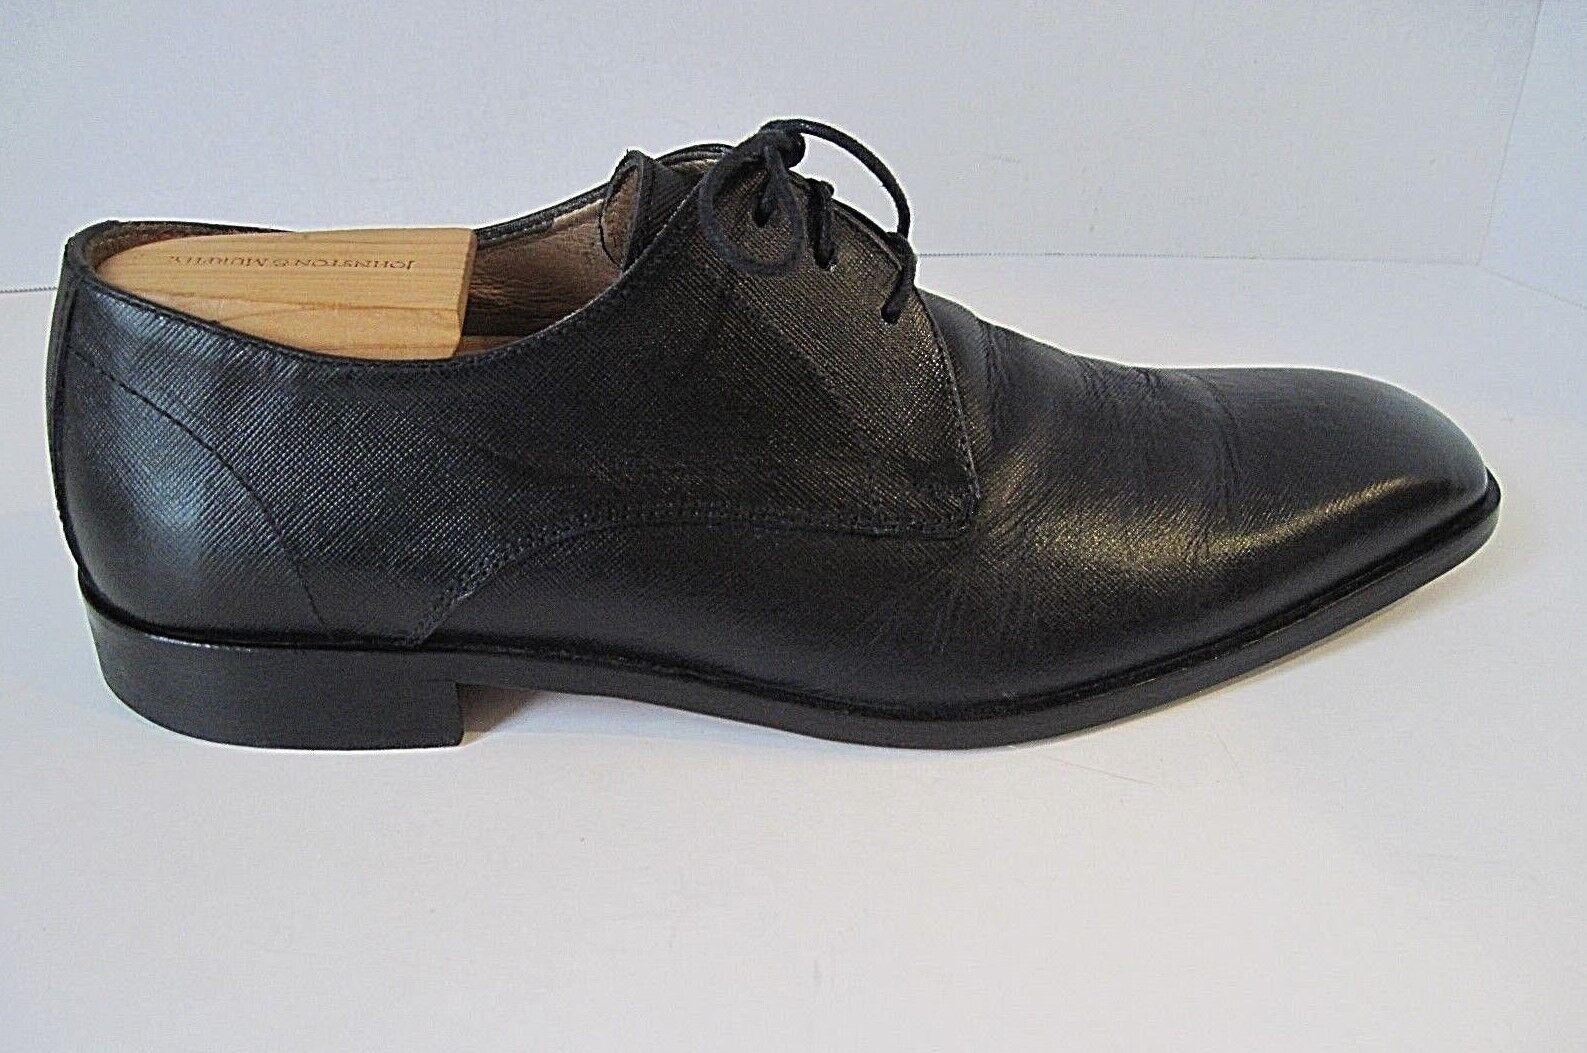 tempo libero Mercanti Fiorentini Uomo nero Leather Leather Leather Oxford Dimensione 9M Made In   conveniente